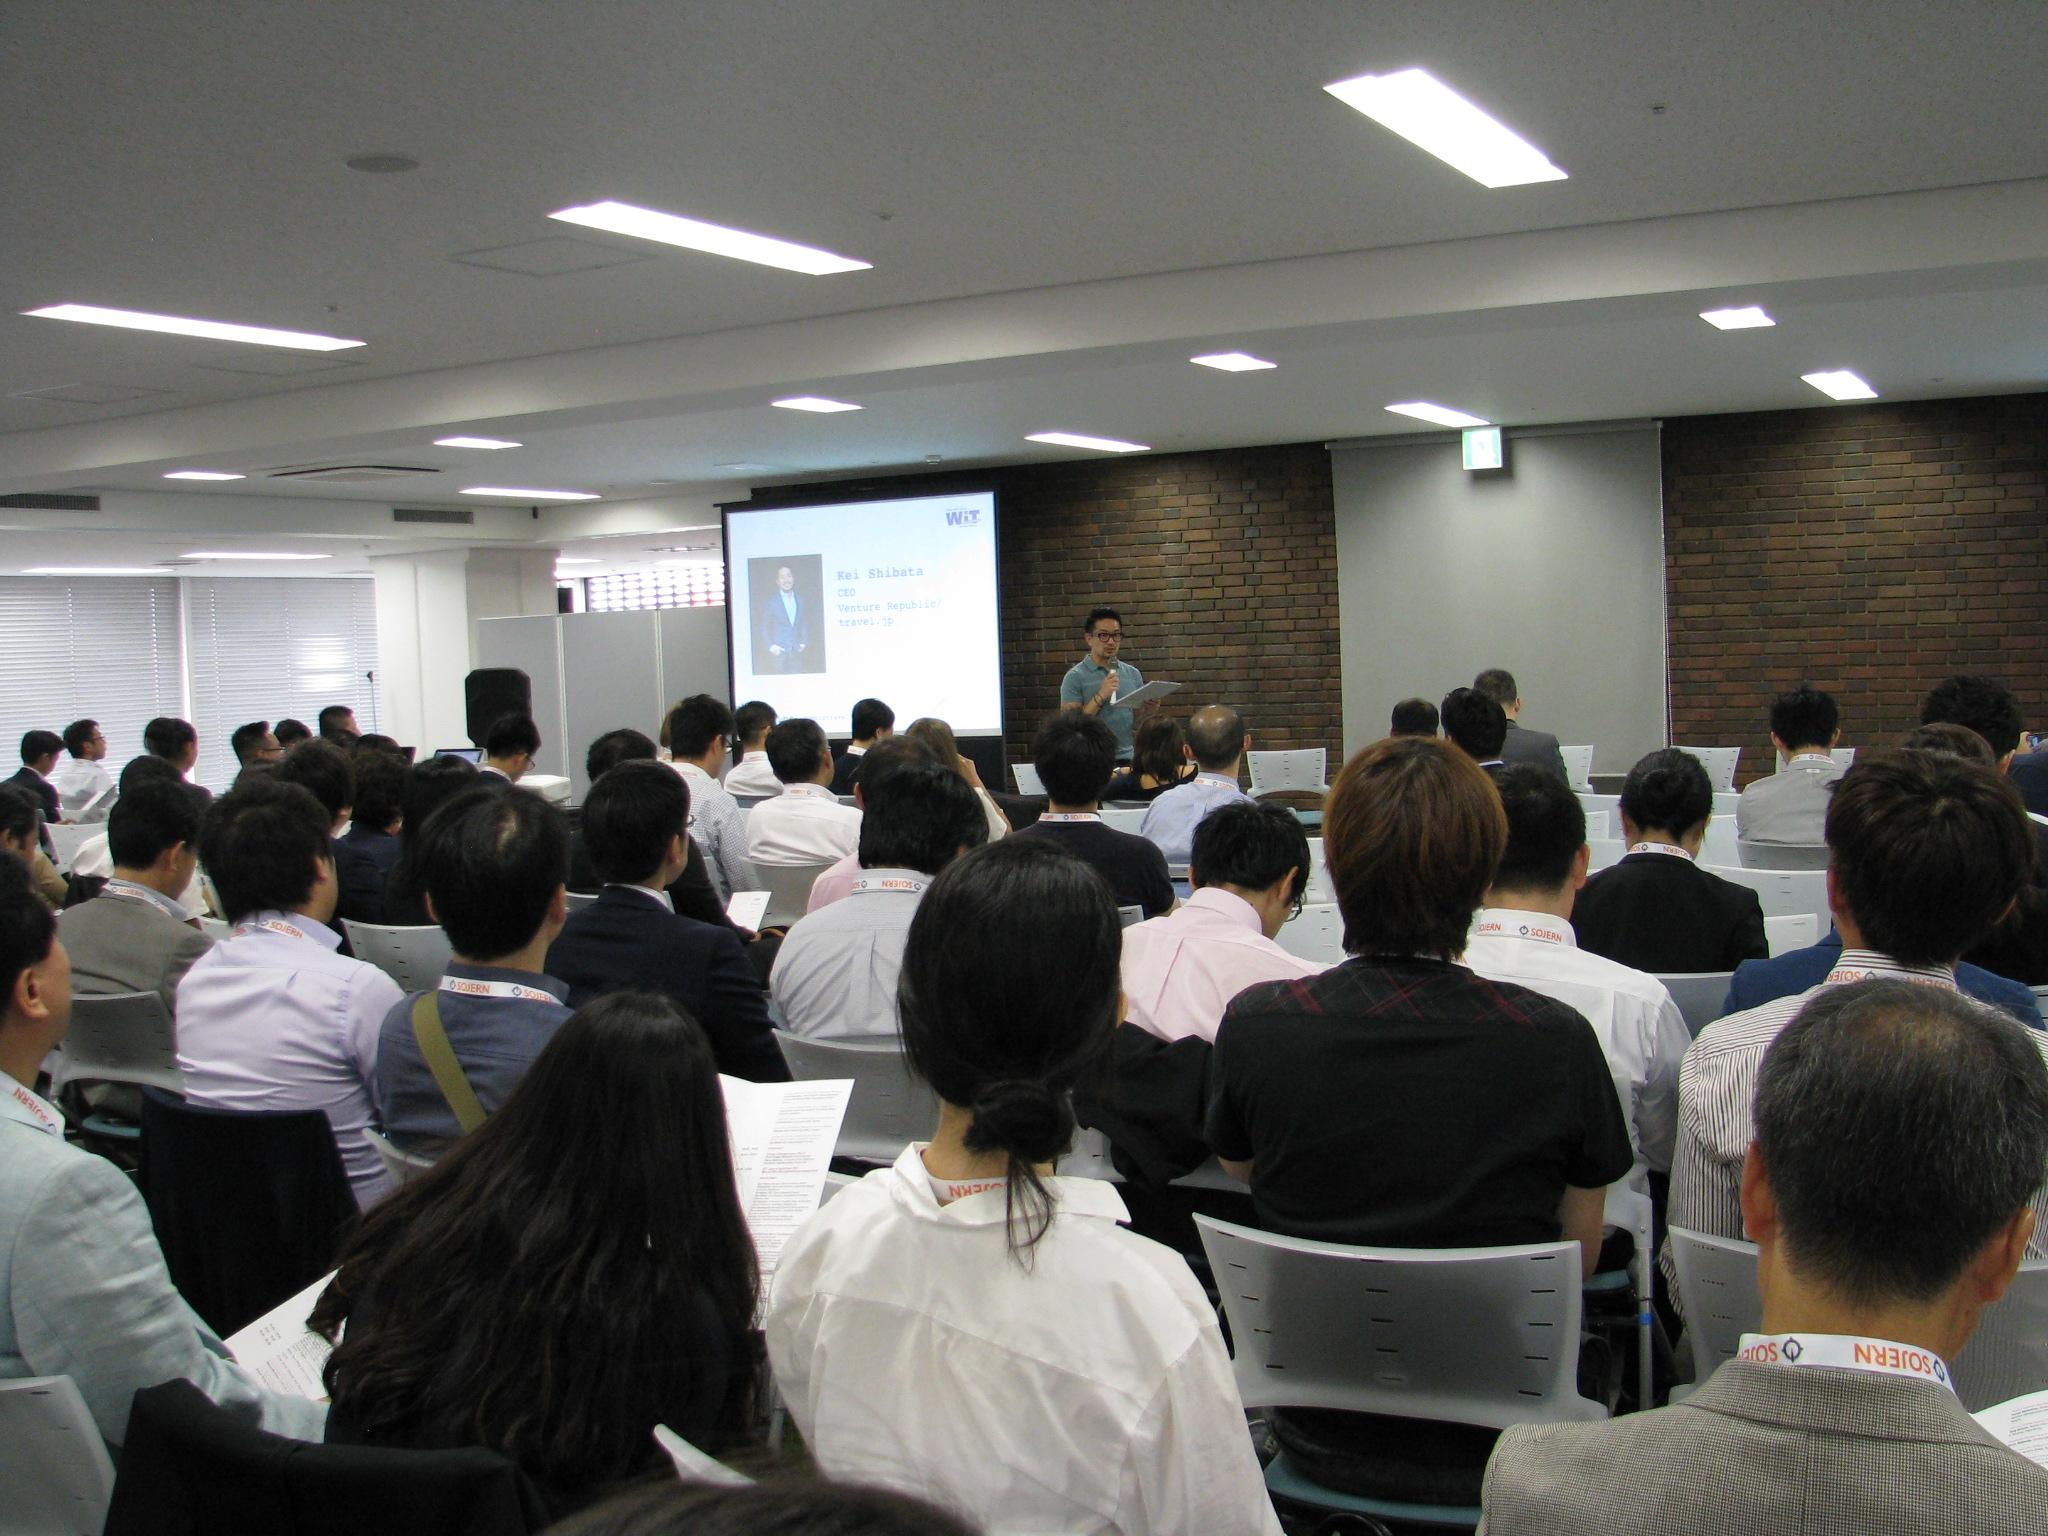 オンライン旅行の国際会議「WIT Japan 2017」が開幕、今年は新事業コンペが熱戦、LCCピーチが「稼ぐ」手法を公開